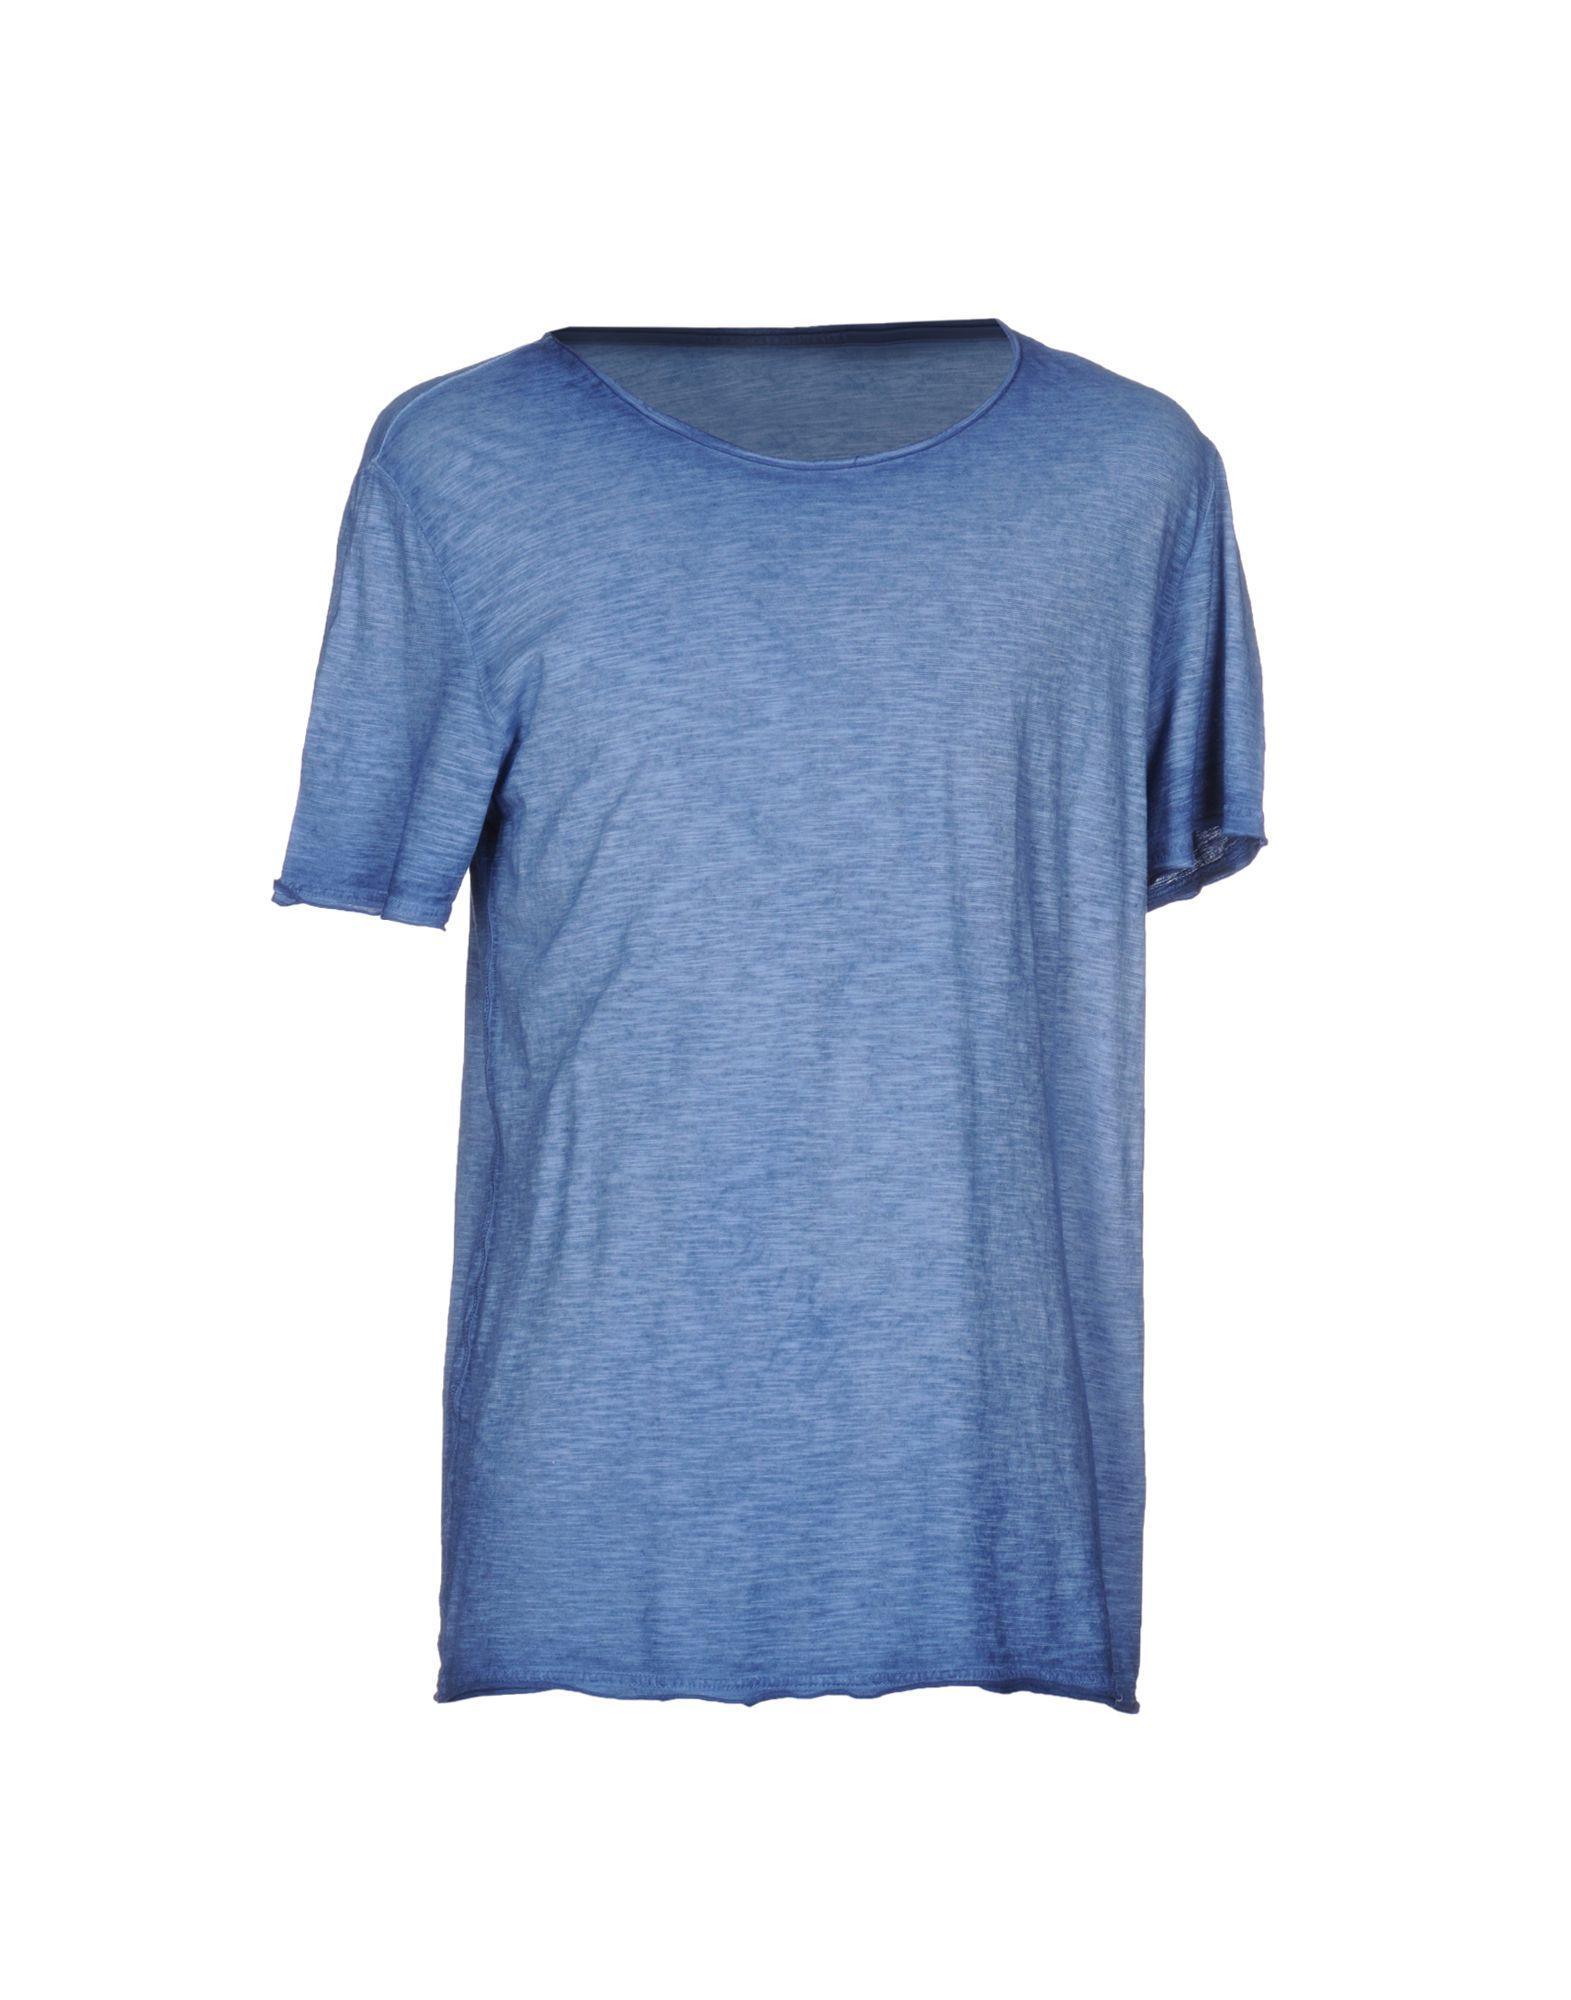 drykorn t shirt in blue for men lyst. Black Bedroom Furniture Sets. Home Design Ideas